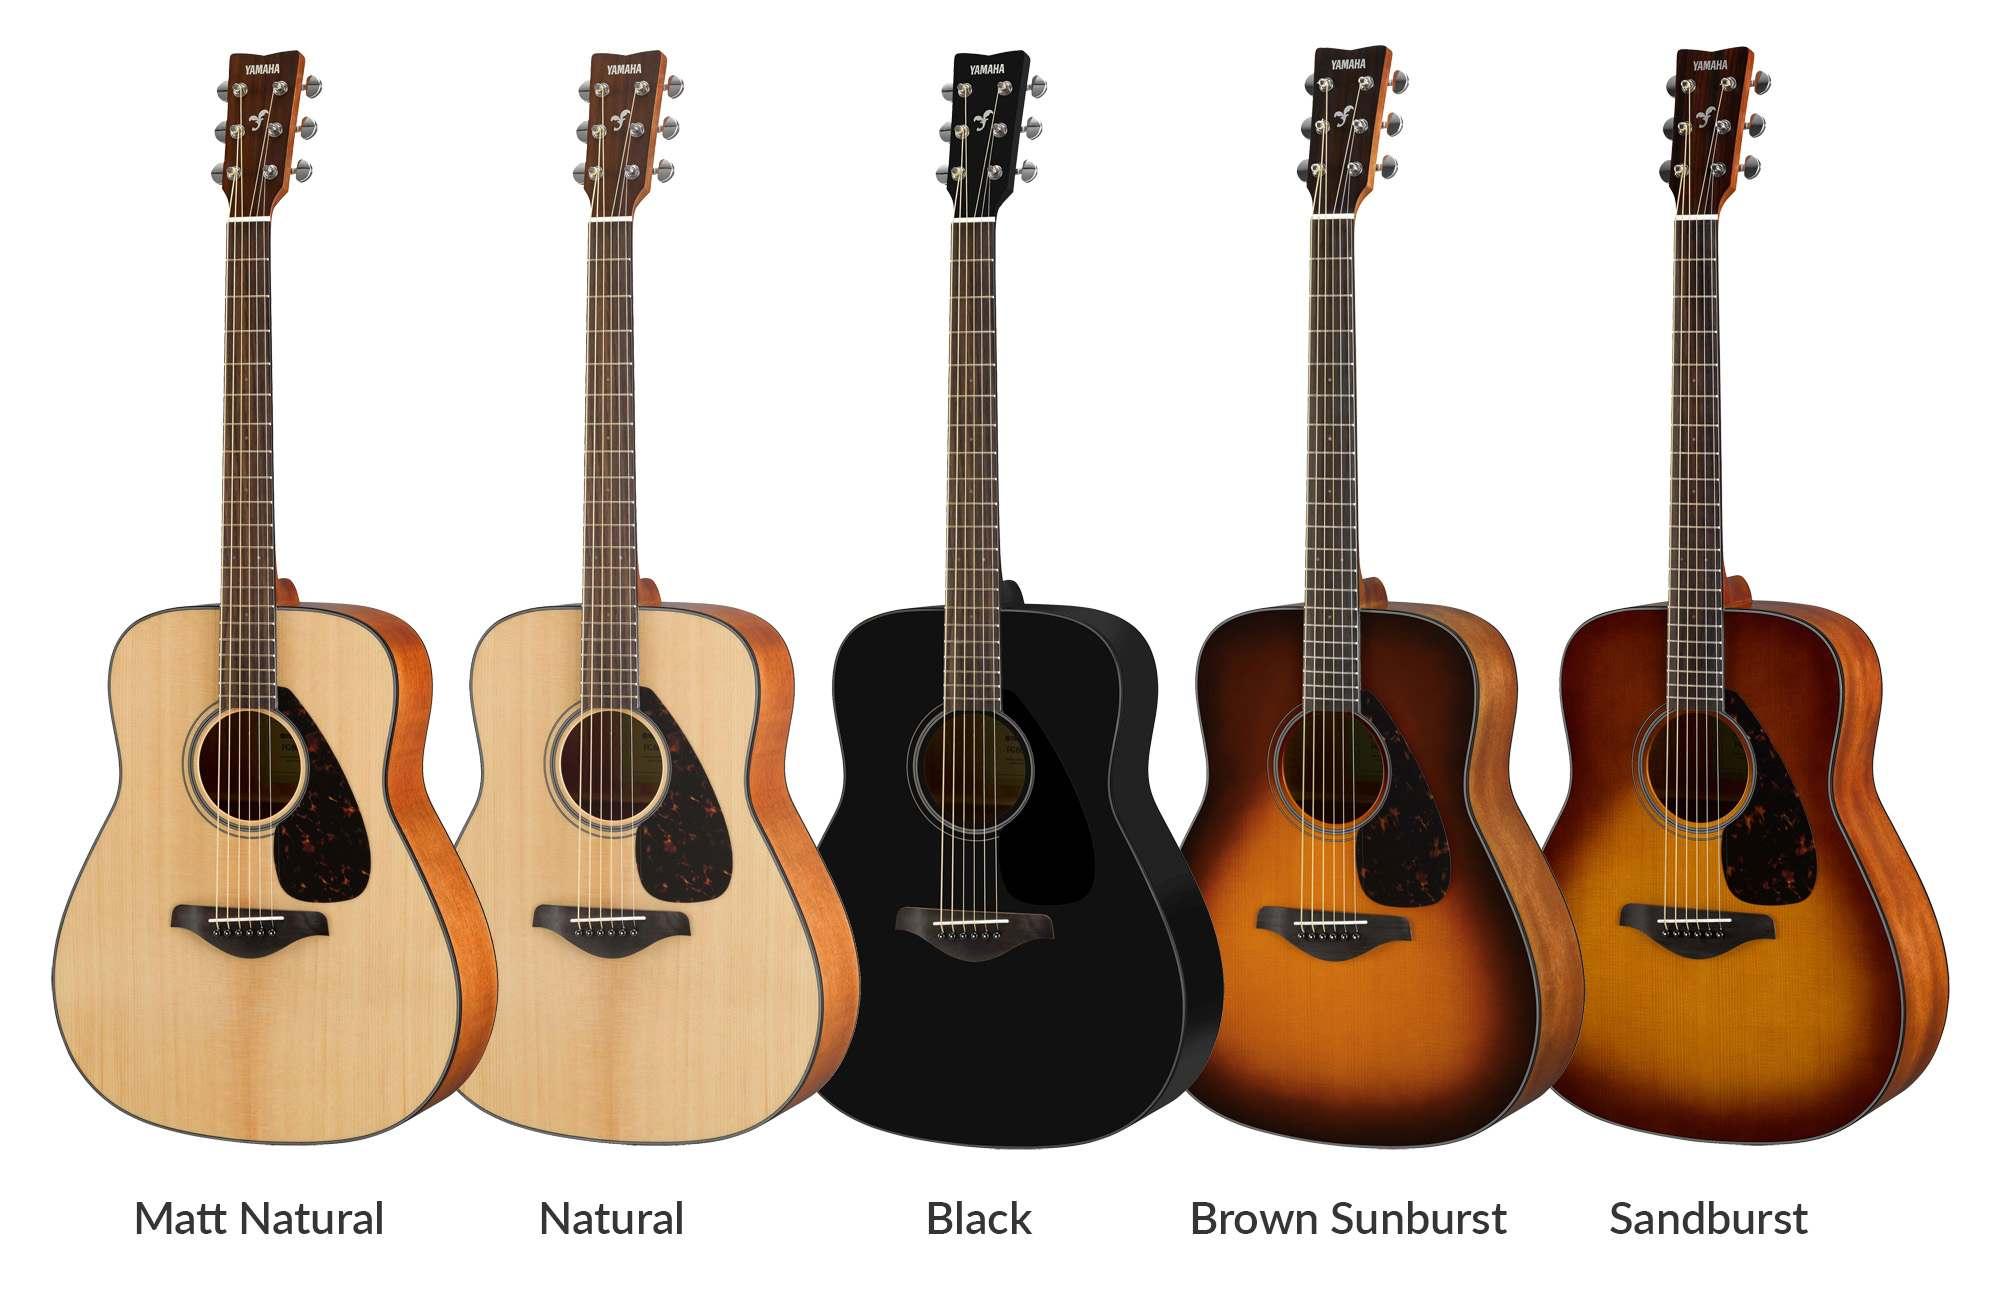 Kinh nghiệm chọn mua đàn guitar Yamaha bạn cần biết